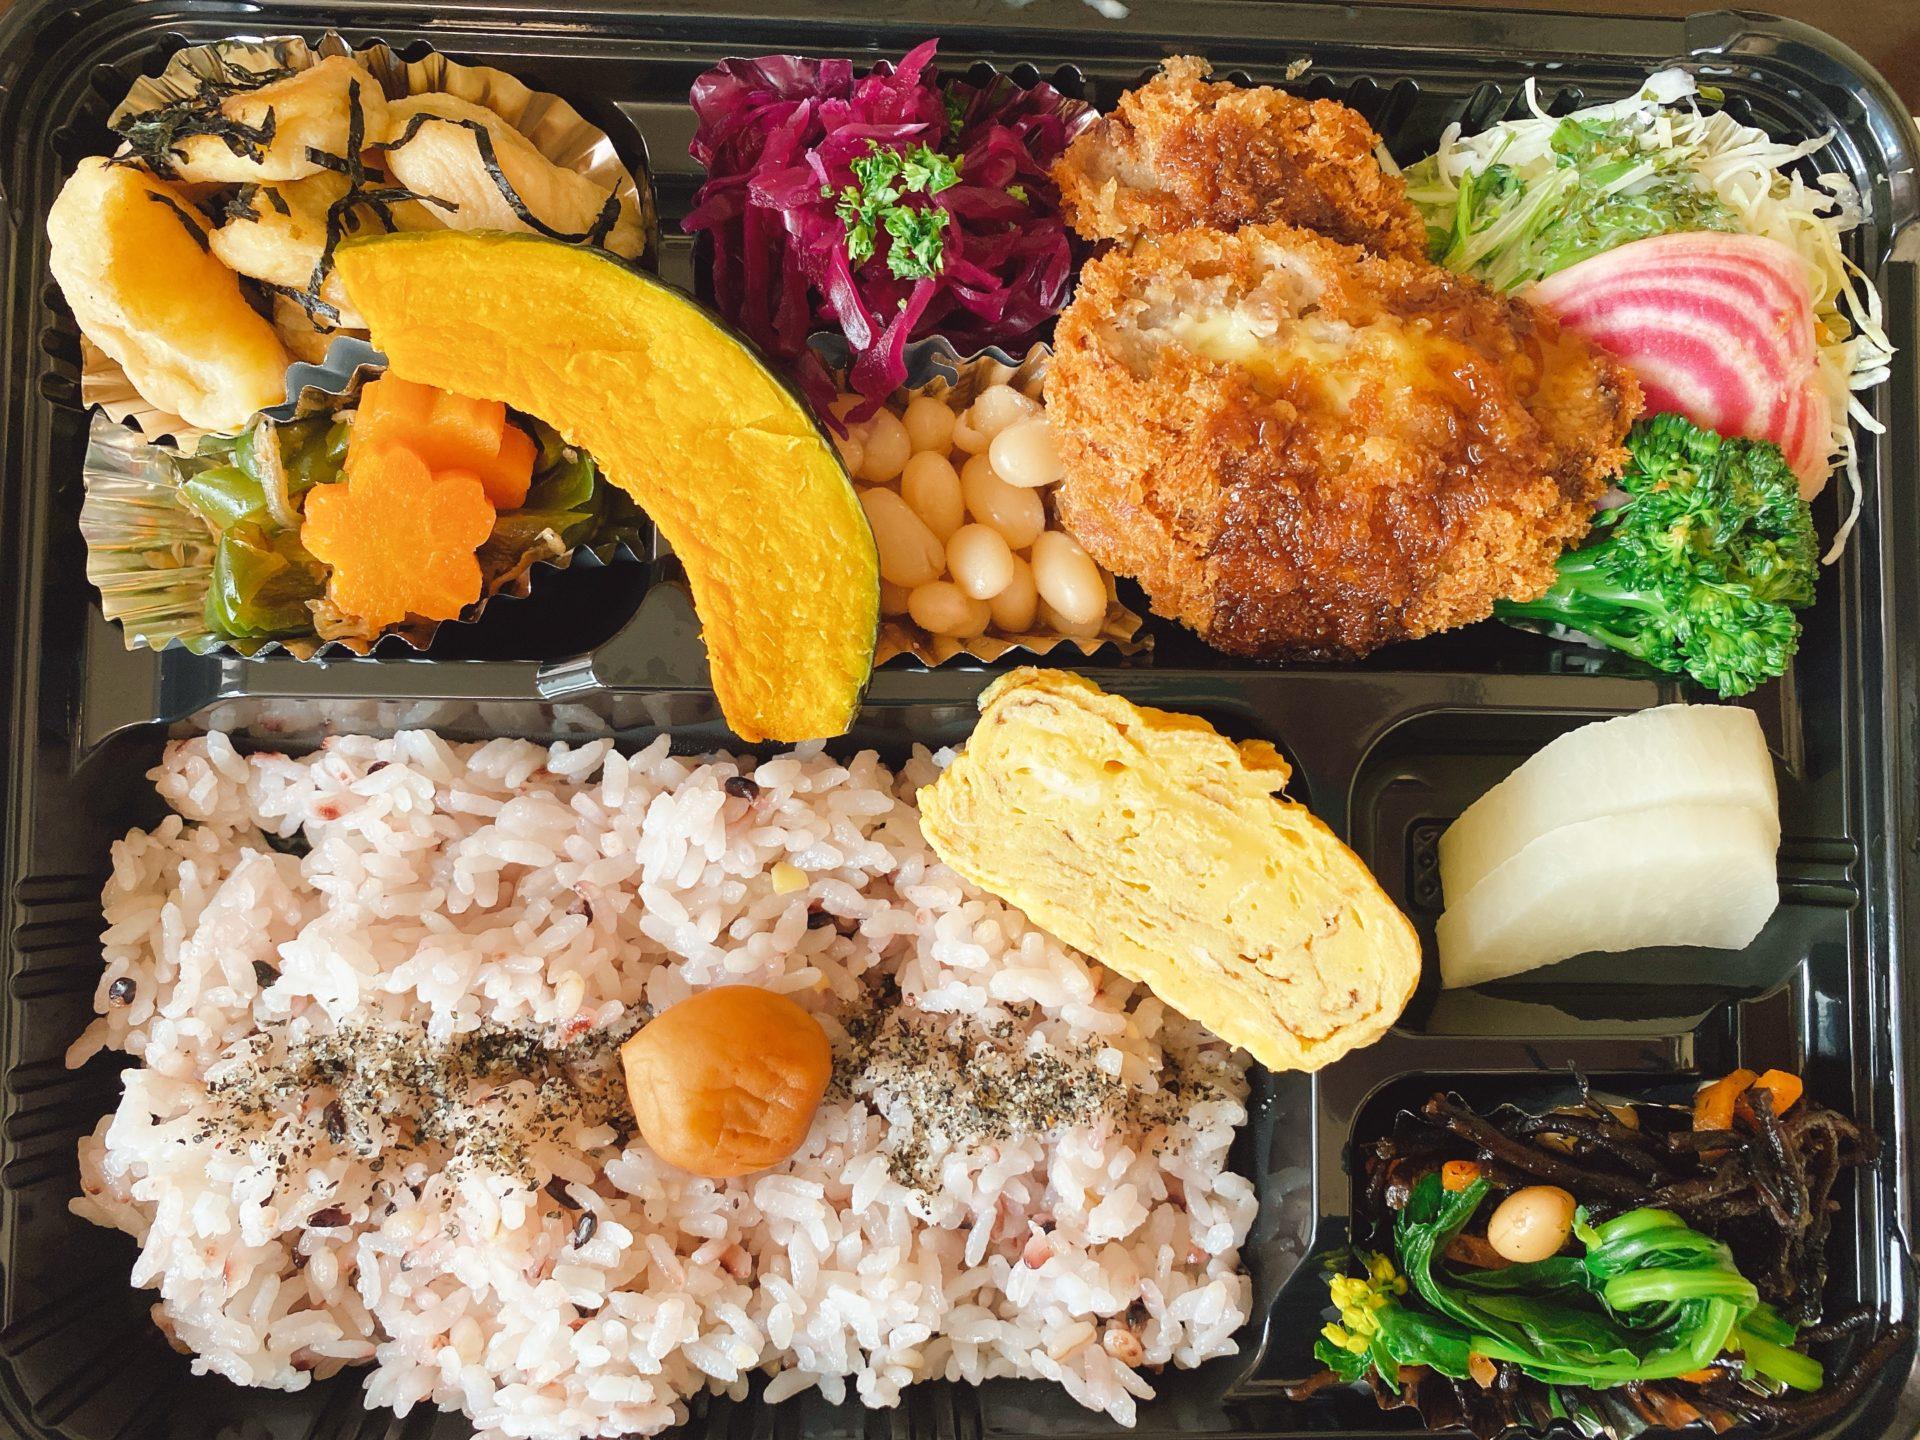 【岡山市東区のテイクアウト】西大寺駅から車で約2分+徒歩2分 カフェギャラリー茶蔵の野菜中心のランチをテイクアウト!